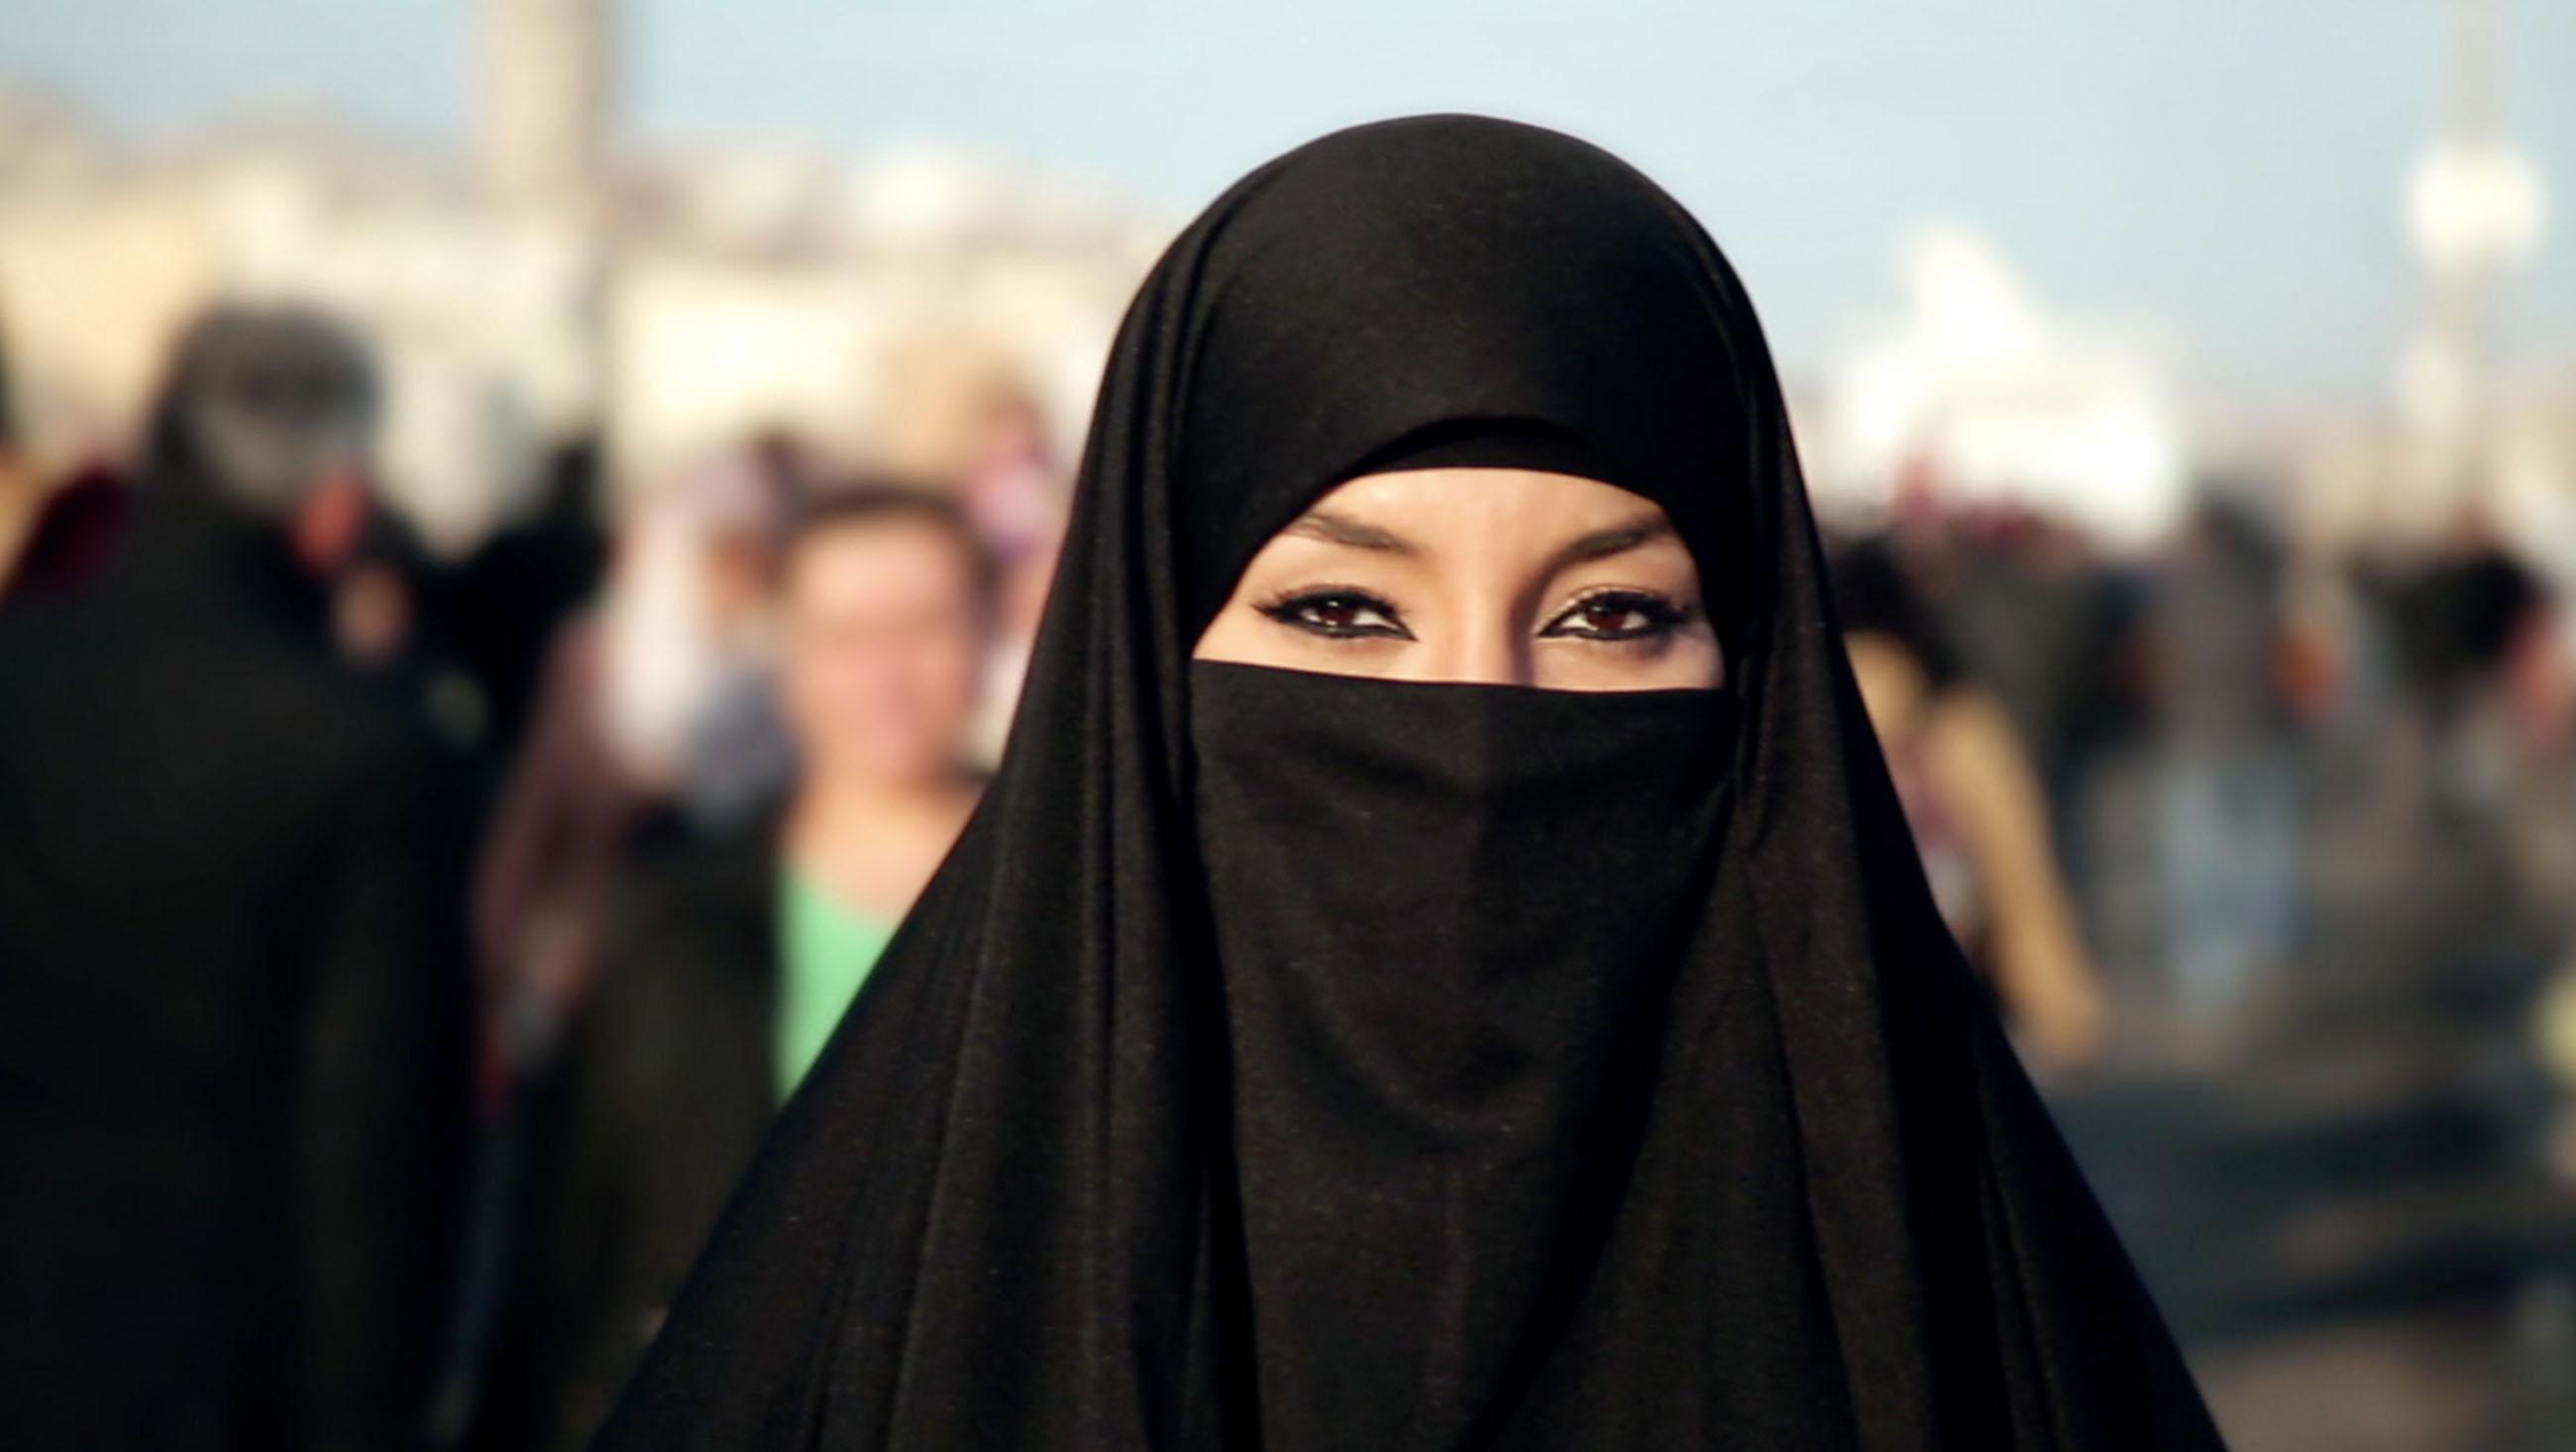 Wanita Ini Berani Menolak Lamaran Rasulullah Dua Kali, Siapakah Dia?